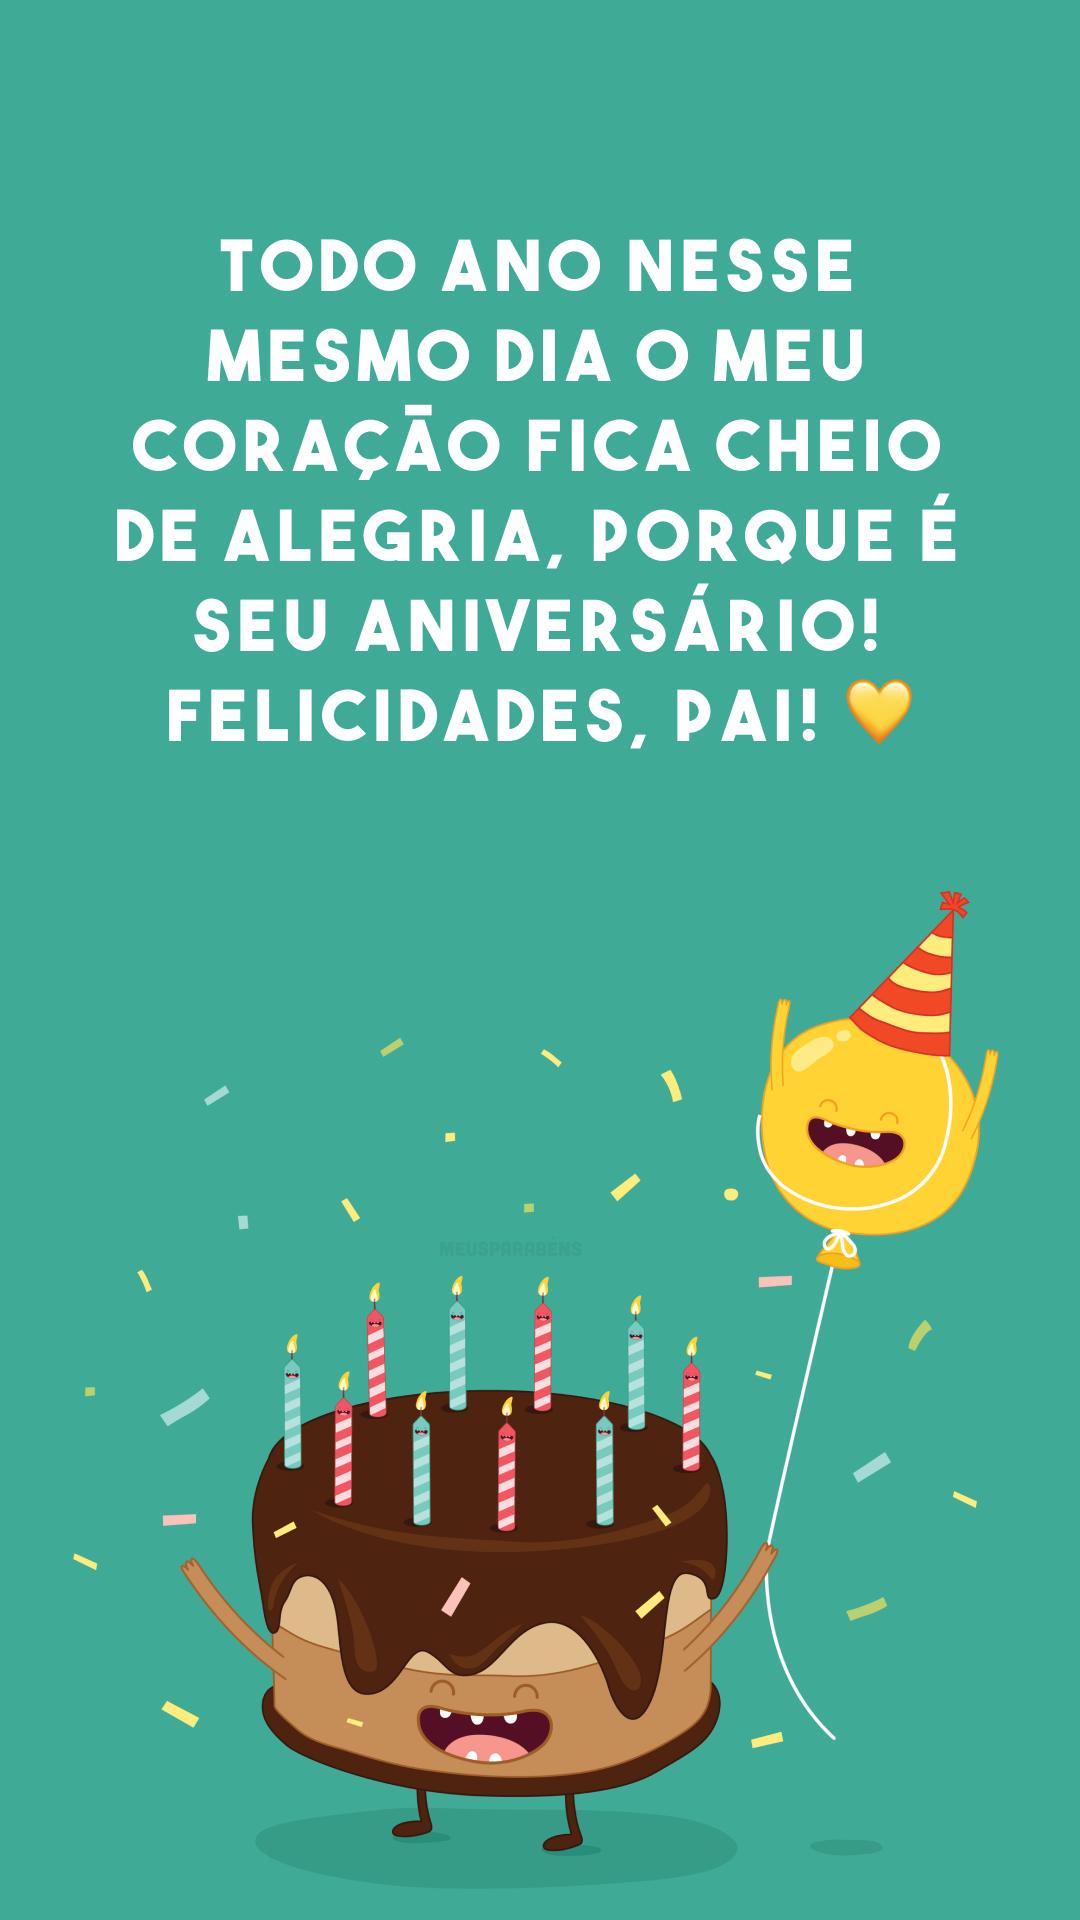 Todo ano nesse mesmo dia o meu coração fica cheio de alegria, porque é seu aniversário! Felicidades, pai! ?